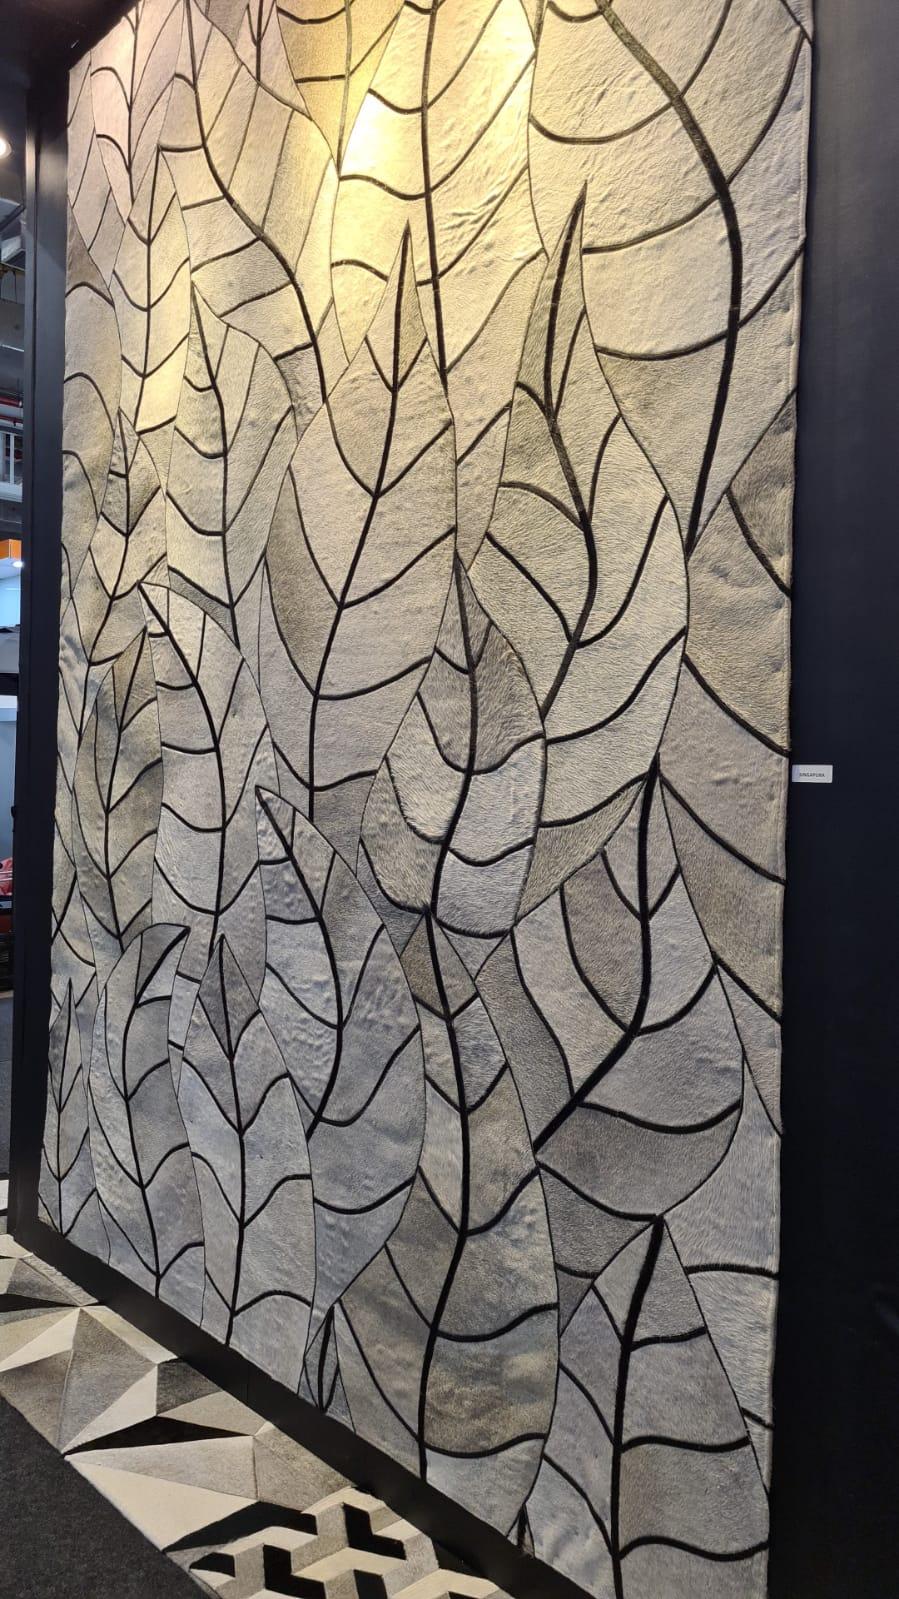 Tapete Folhas da Tapecouro no formato orgânico de diversas folhas lado a lado.